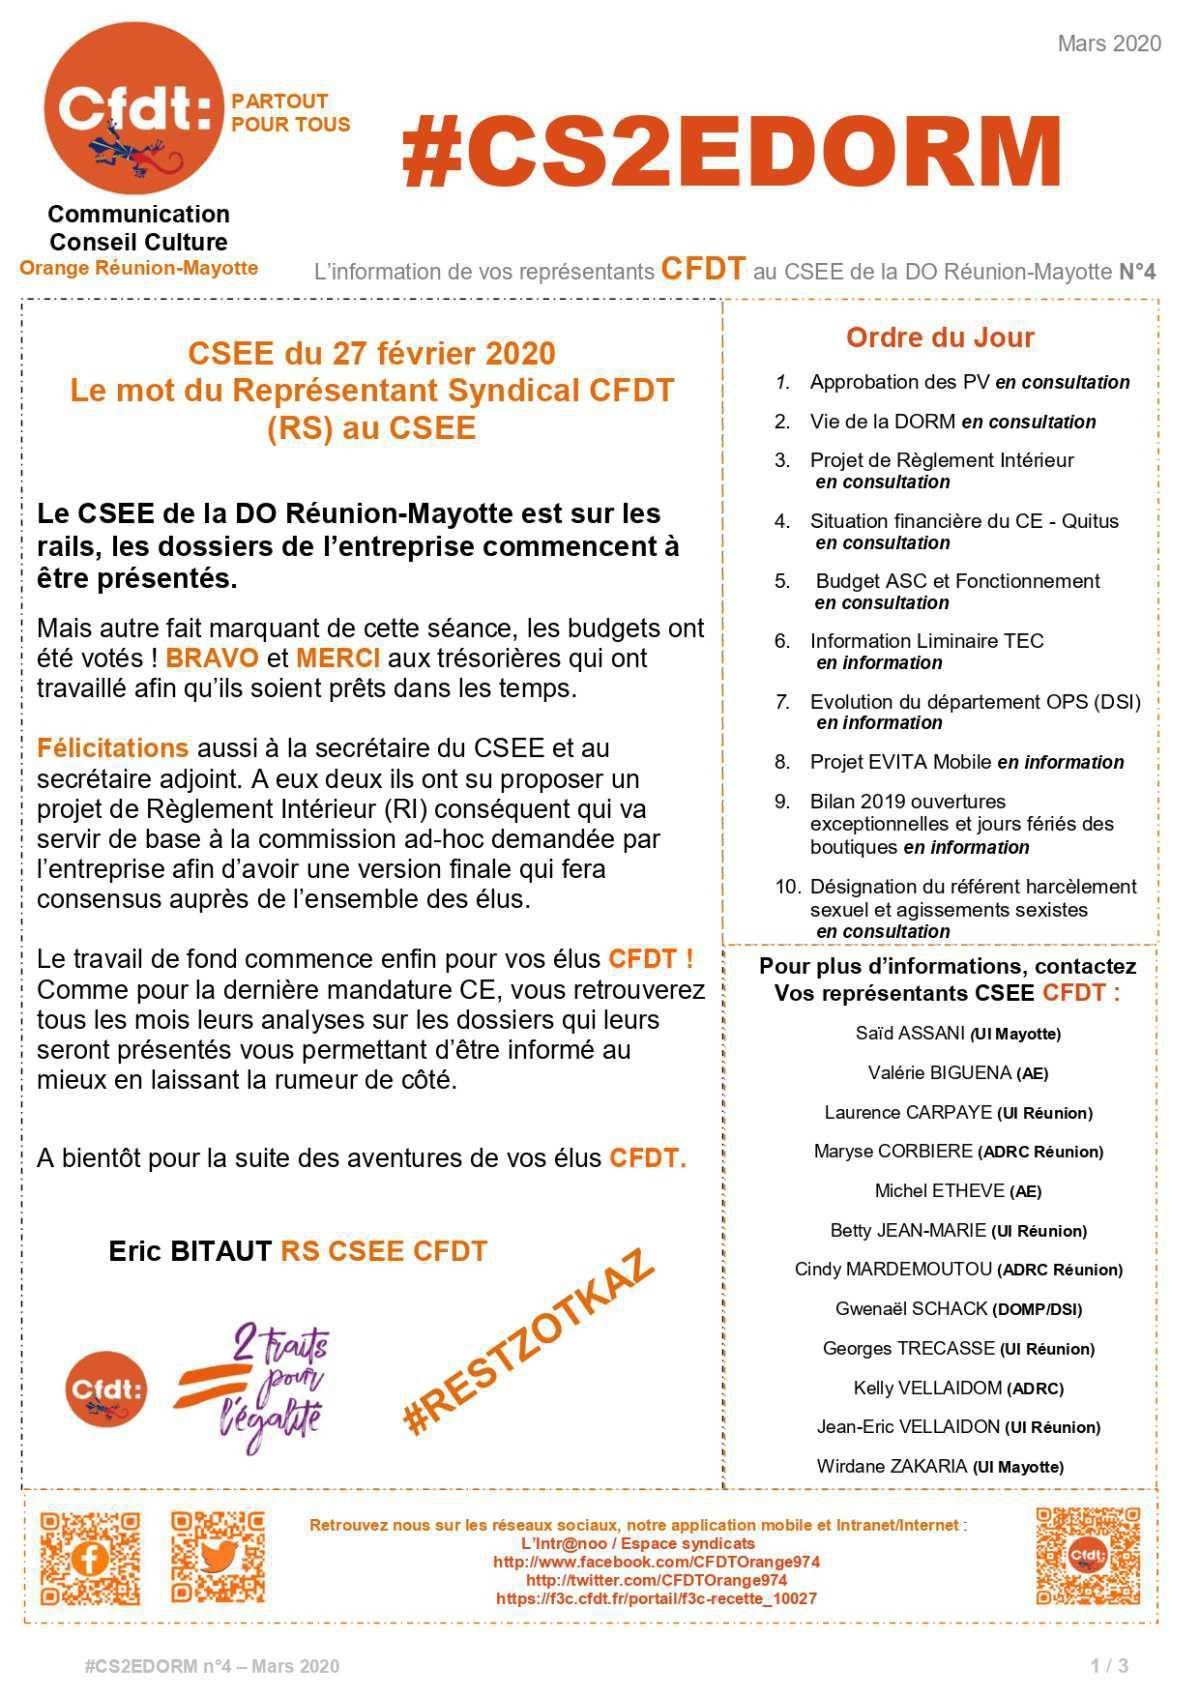 #CS2EDORM n°4 - Le travail de vos élus a commencé.